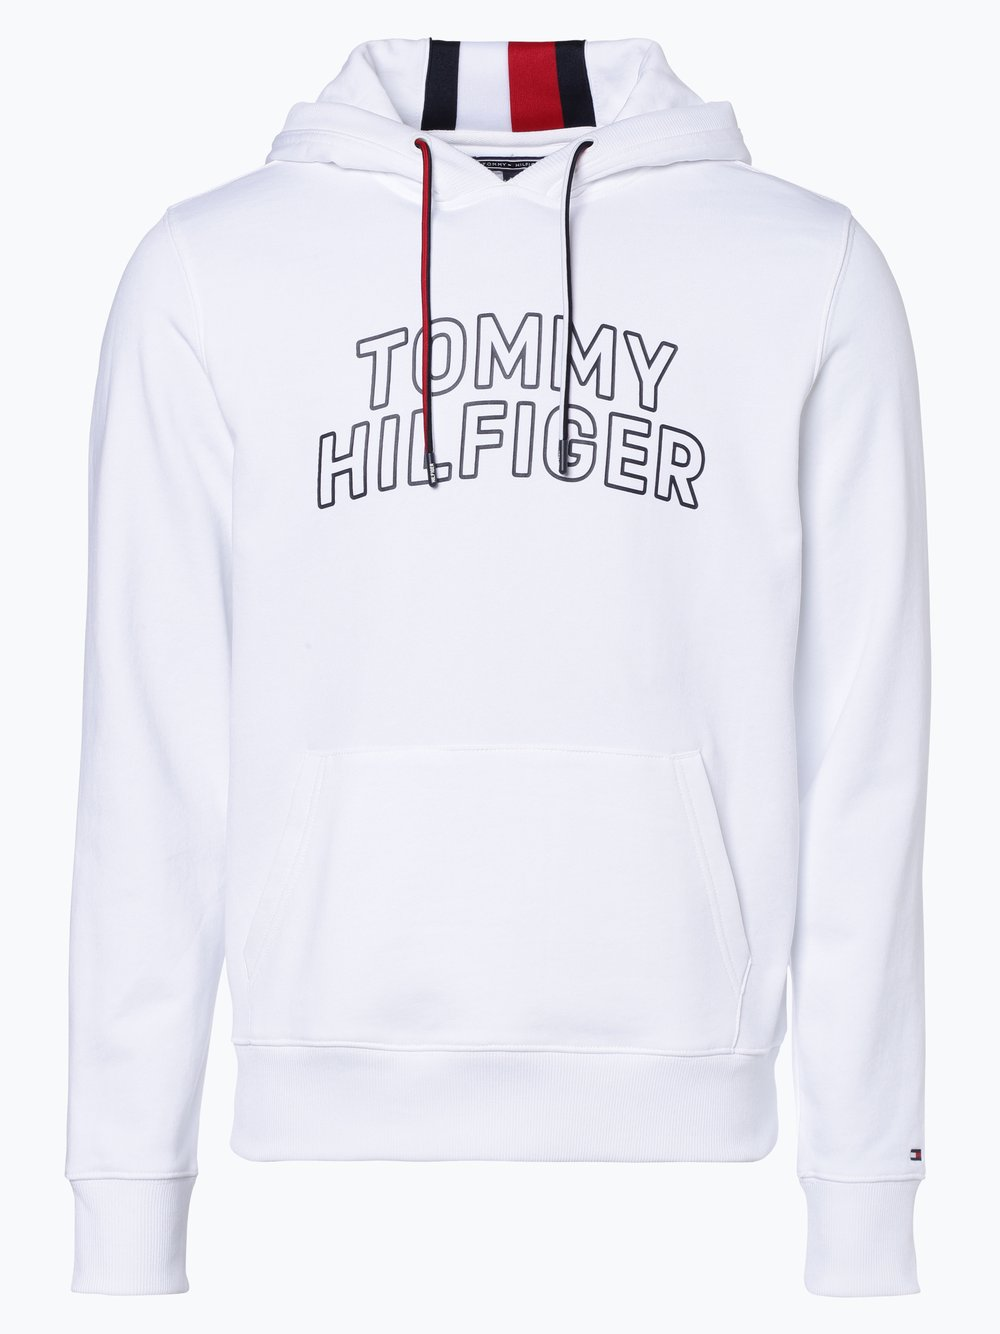 neuer & gebrauchter designer bieten eine große Auswahl an neue Sachen Tommy Hilfiger Herren Sweatshirt online kaufen | PEEK-UND ...